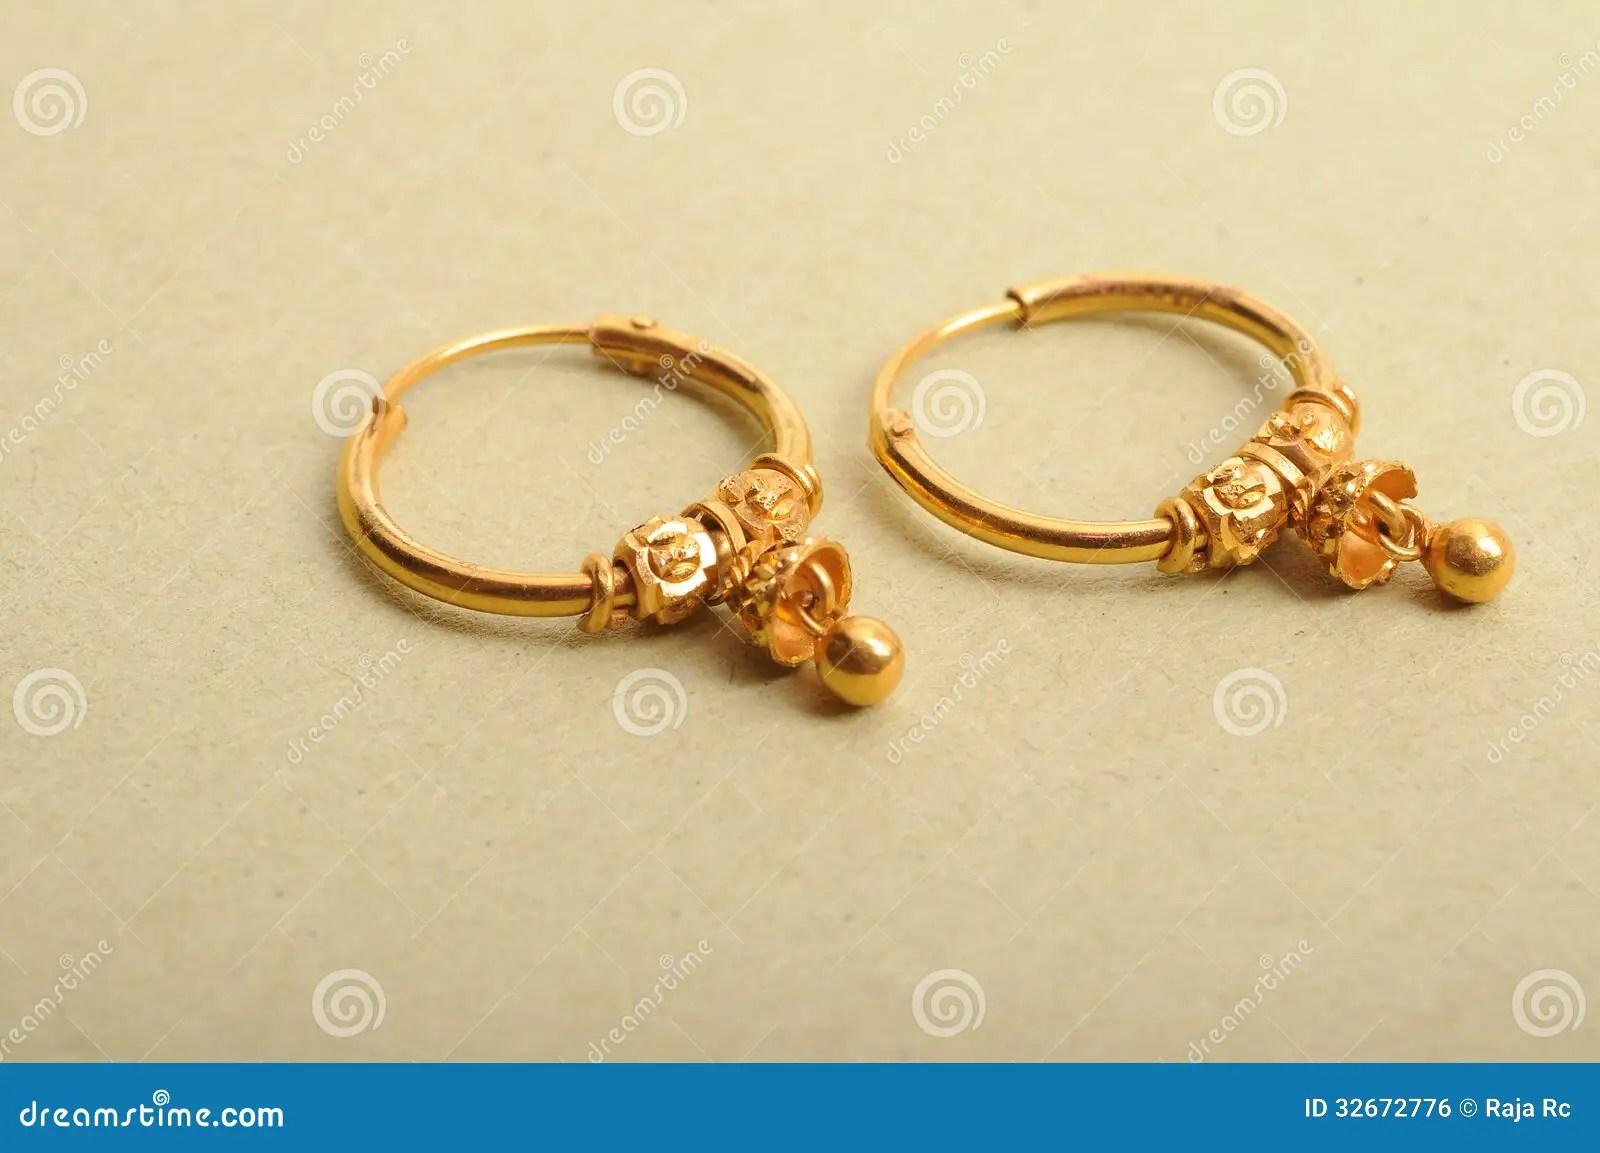 Gold Jewelry Earrings